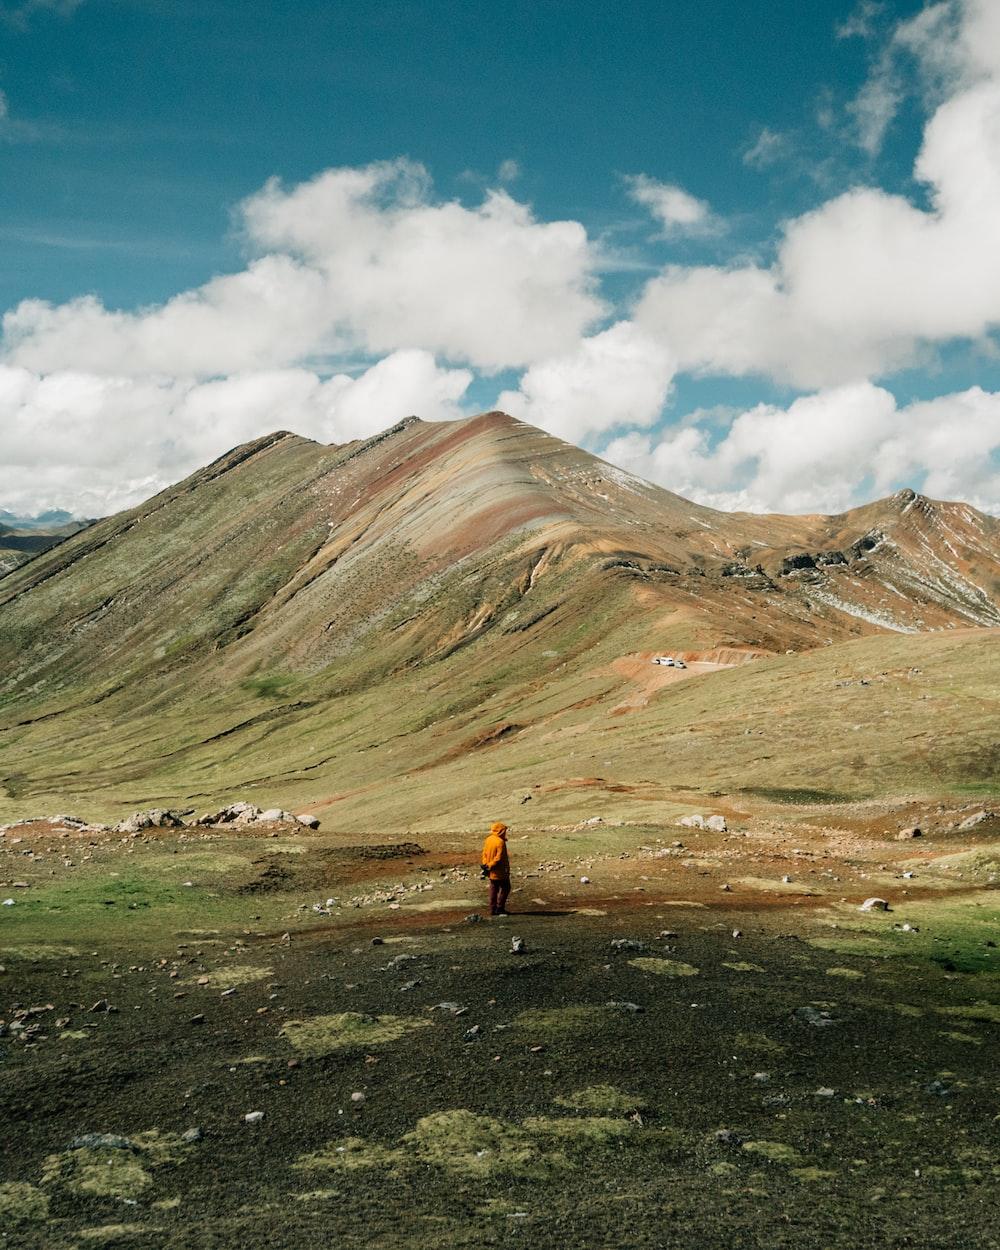 man standing on green grass field near mountain ridge